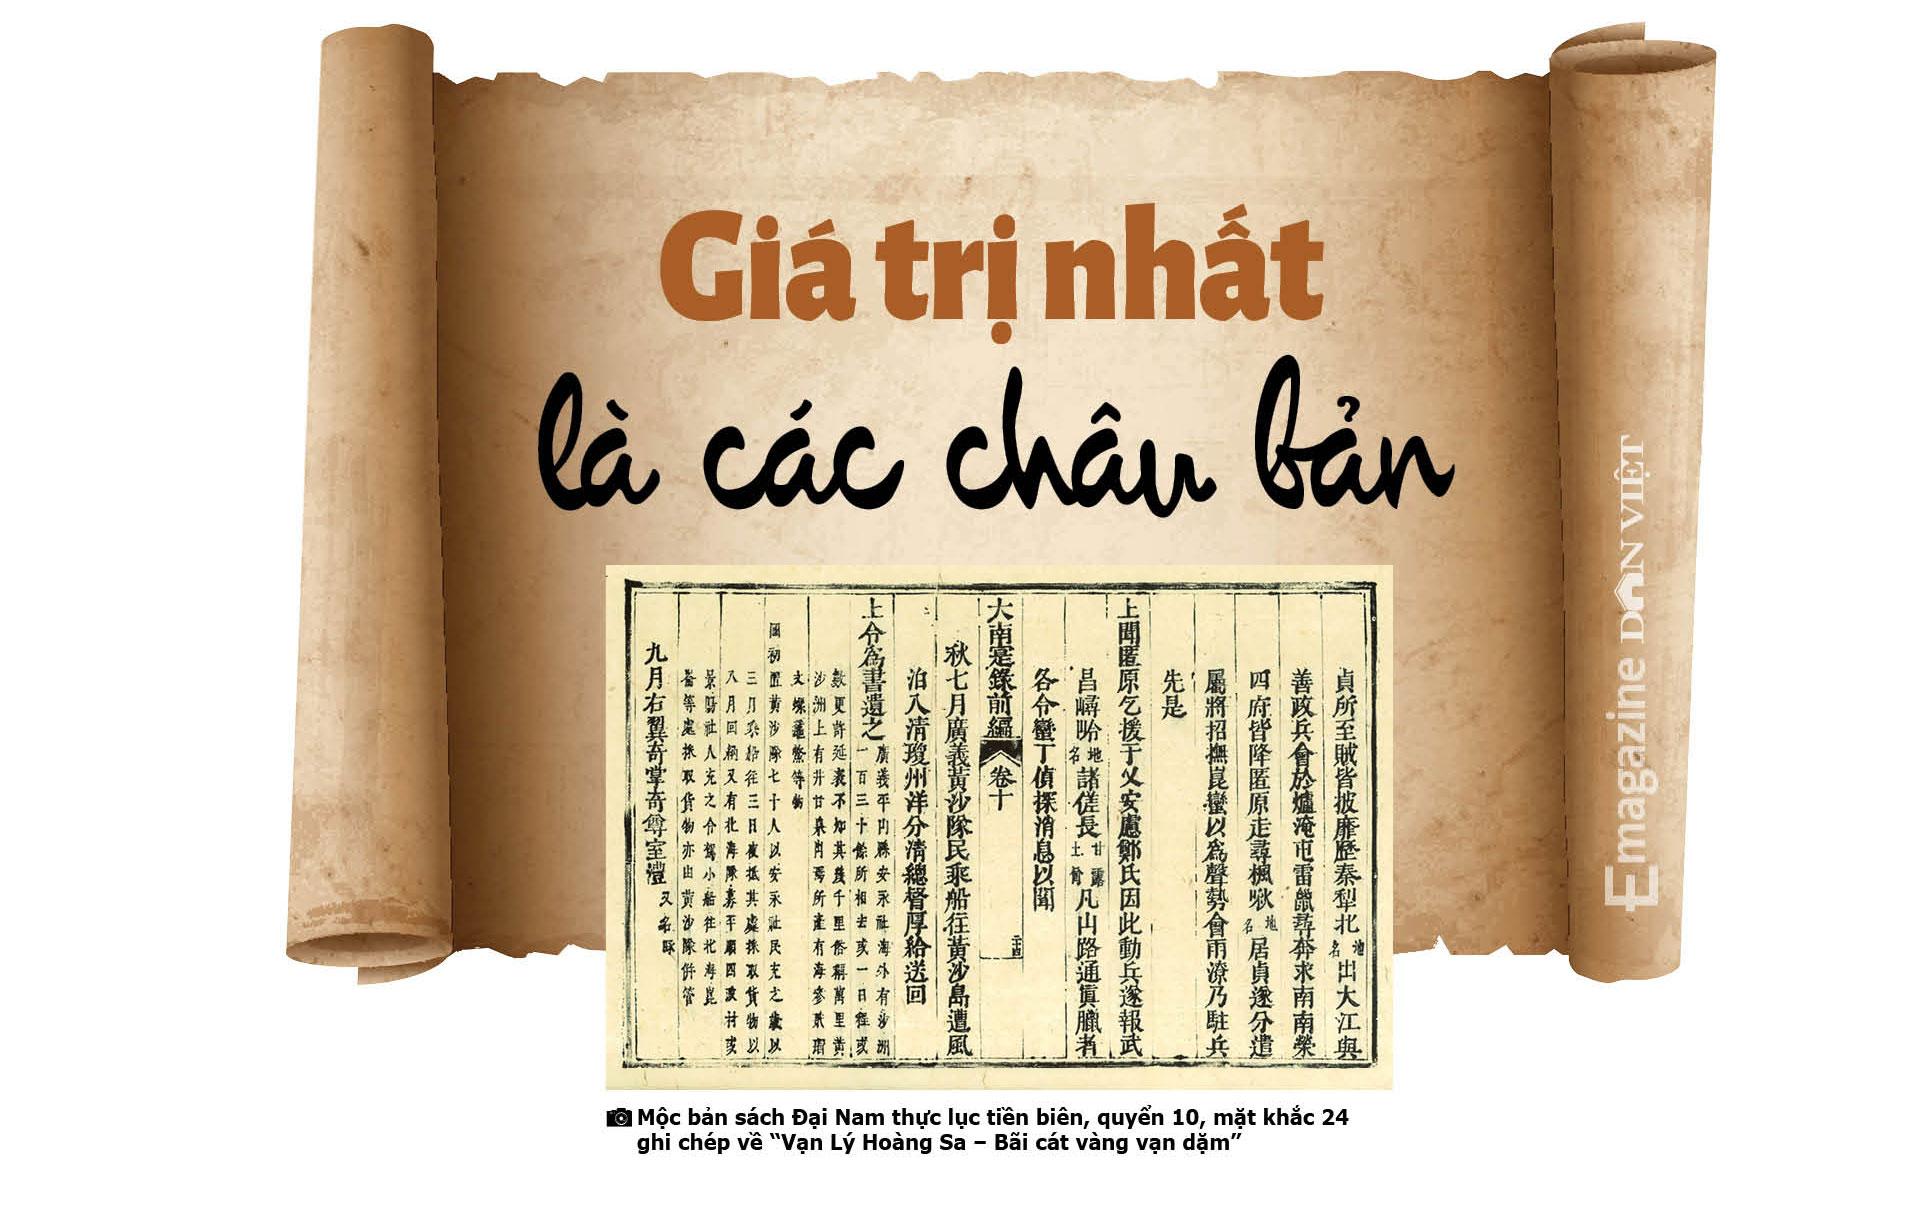 Tiến sĩ sử học Nguyễn Nhã: Muốn bảo vệ chủ quyền, không gì hay hơn là trở thành cường quốc biển  - Ảnh 6.